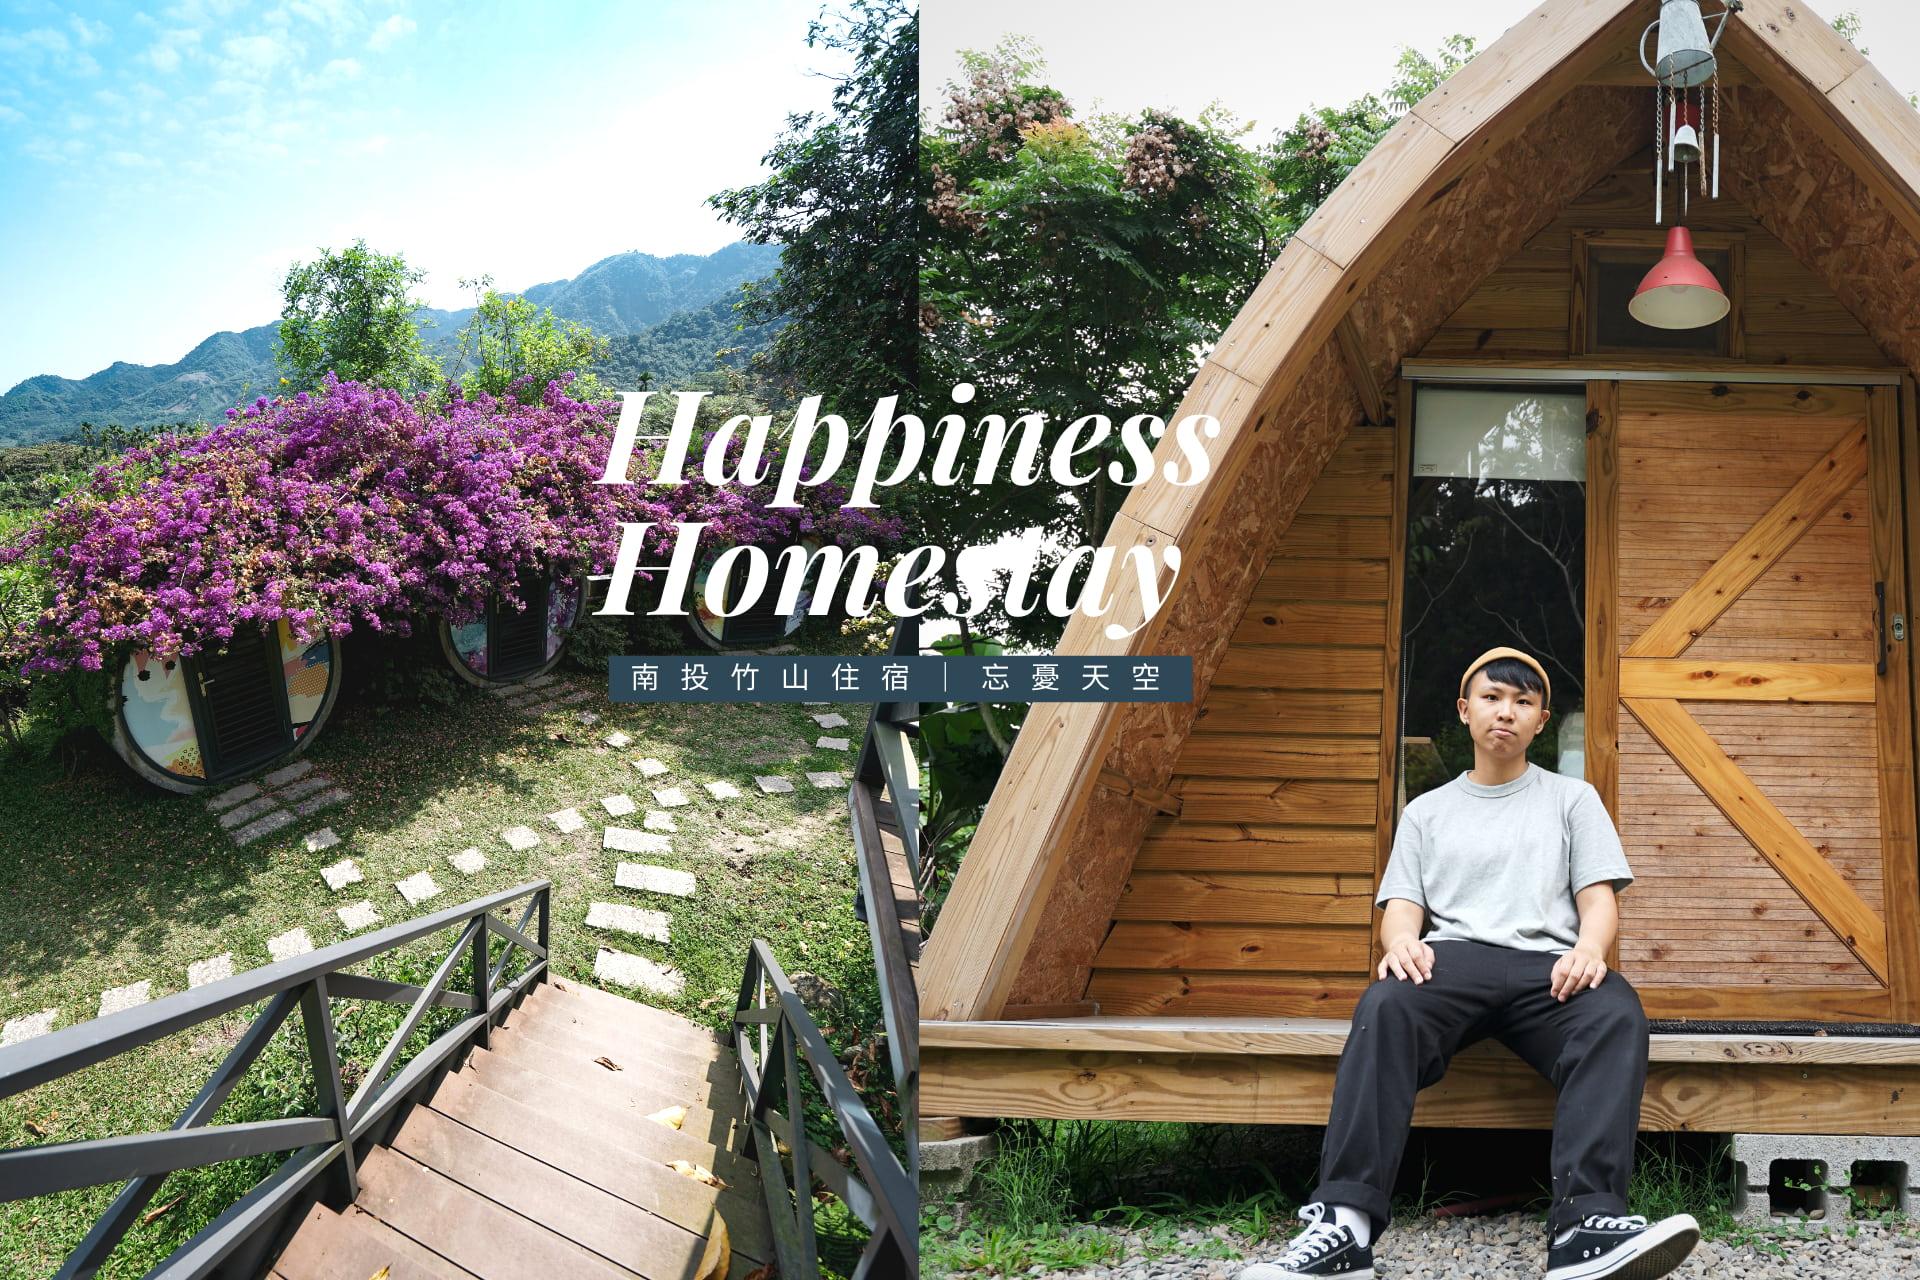 竹山露營區》五星級露營渡假村『忘憂天空』,水管屋、顛倒屋、哈比人小木屋,舒適又好拍